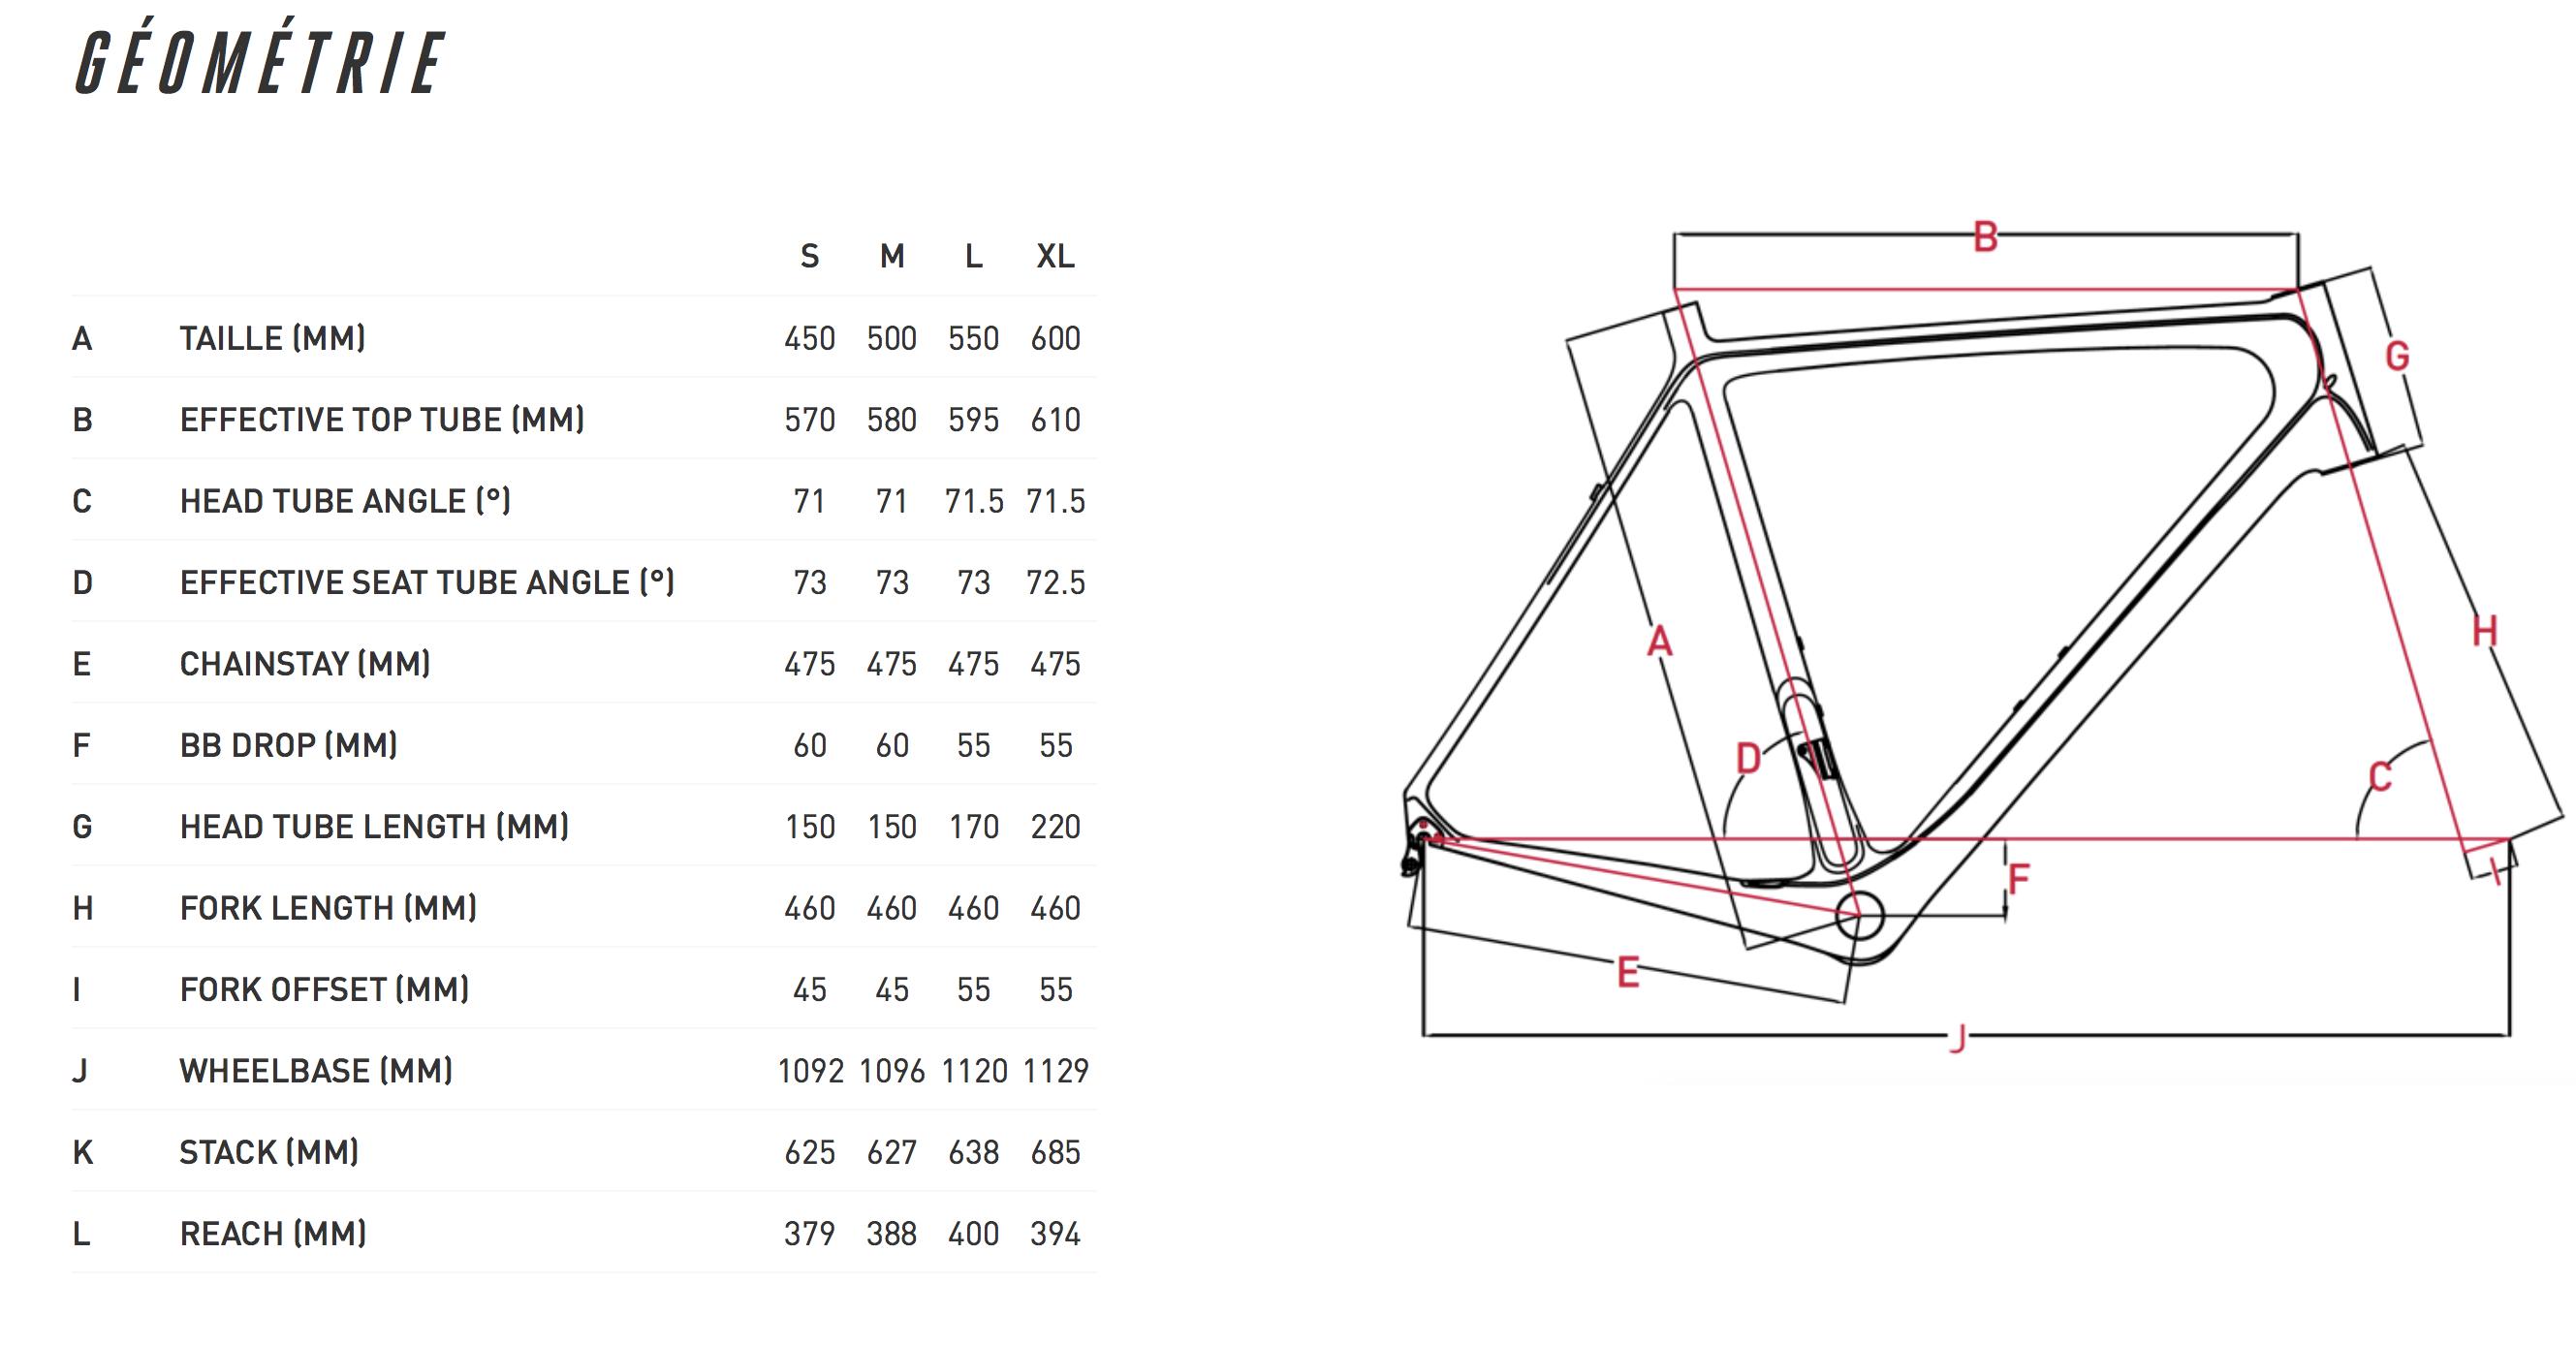 Geometrie-focus-avantura-2-elite